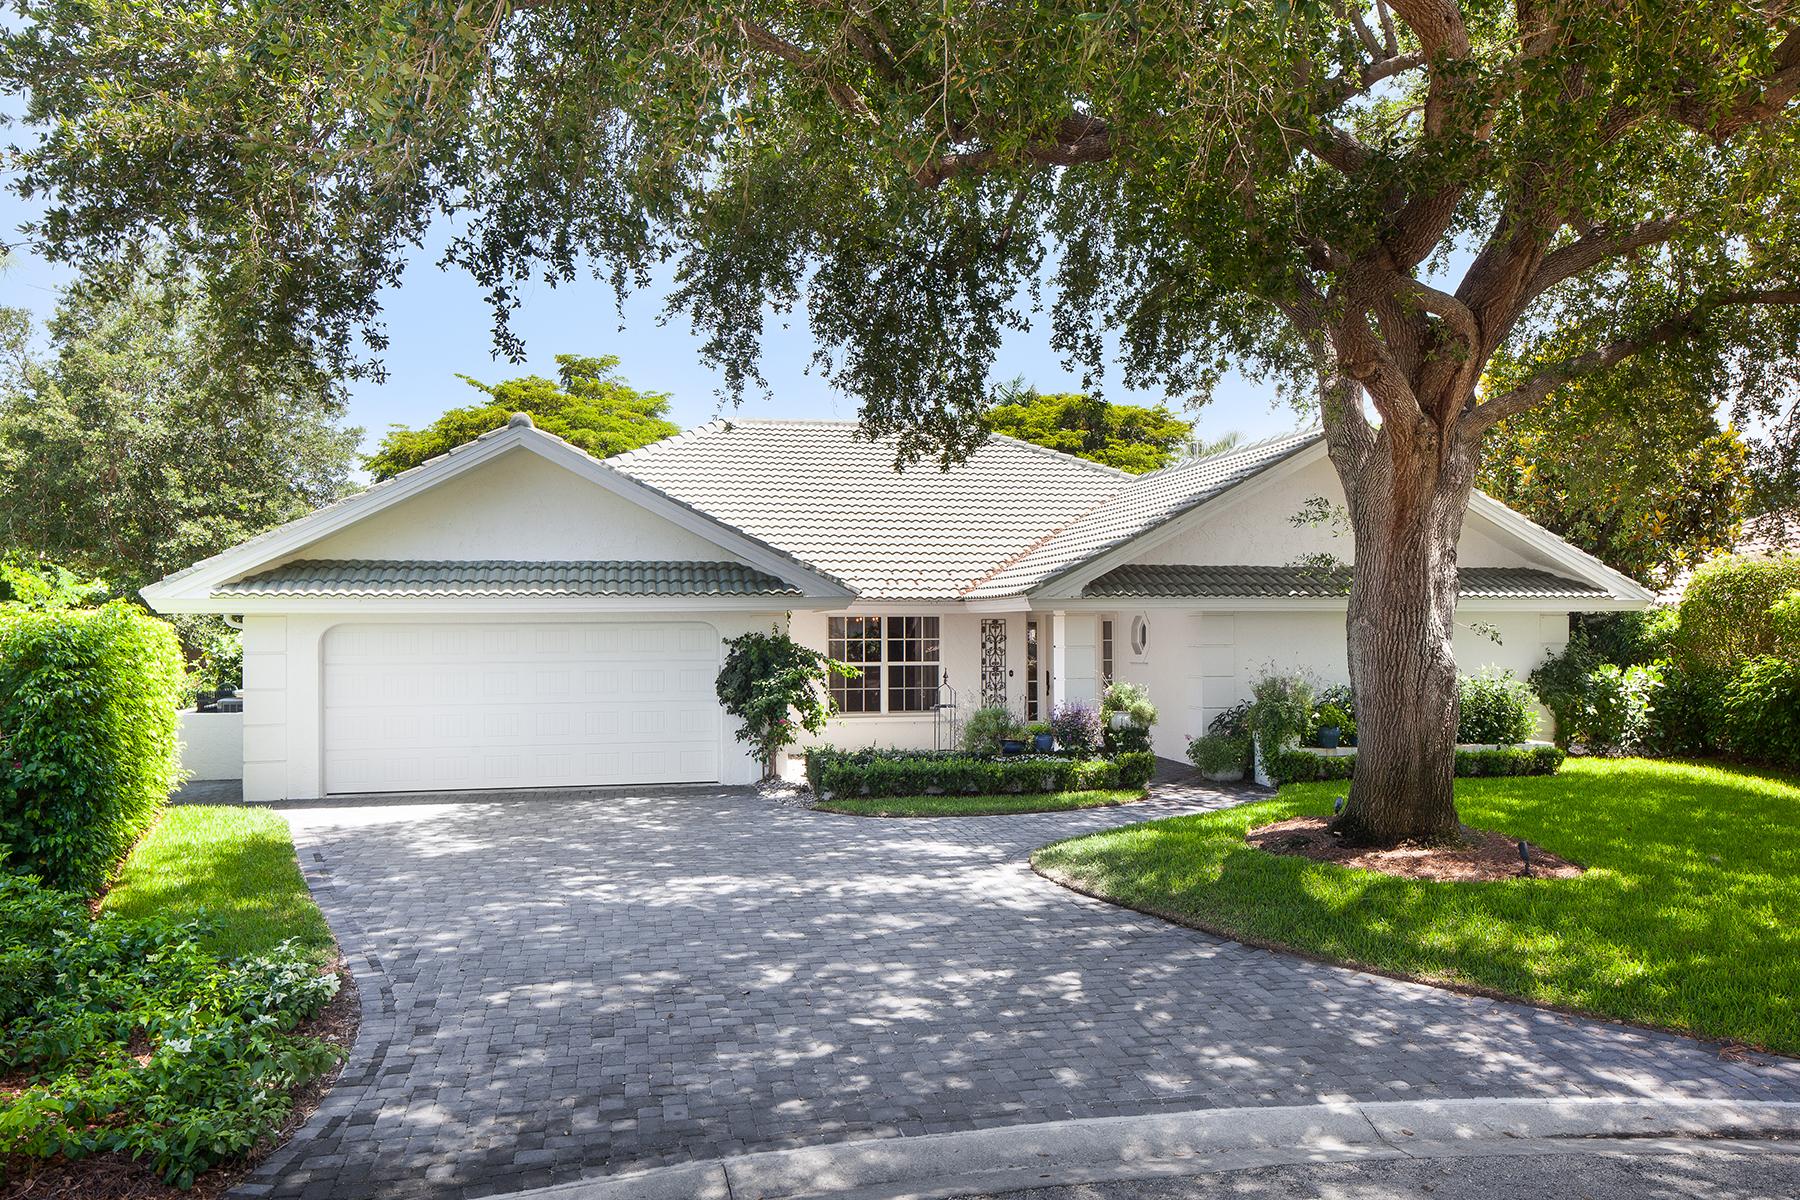 Частный односемейный дом для того Продажа на 816 Bentwood Dr , Naples, FL 34108 816 Bentwood Dr Naples, Флорида 34108 Соединенные Штаты